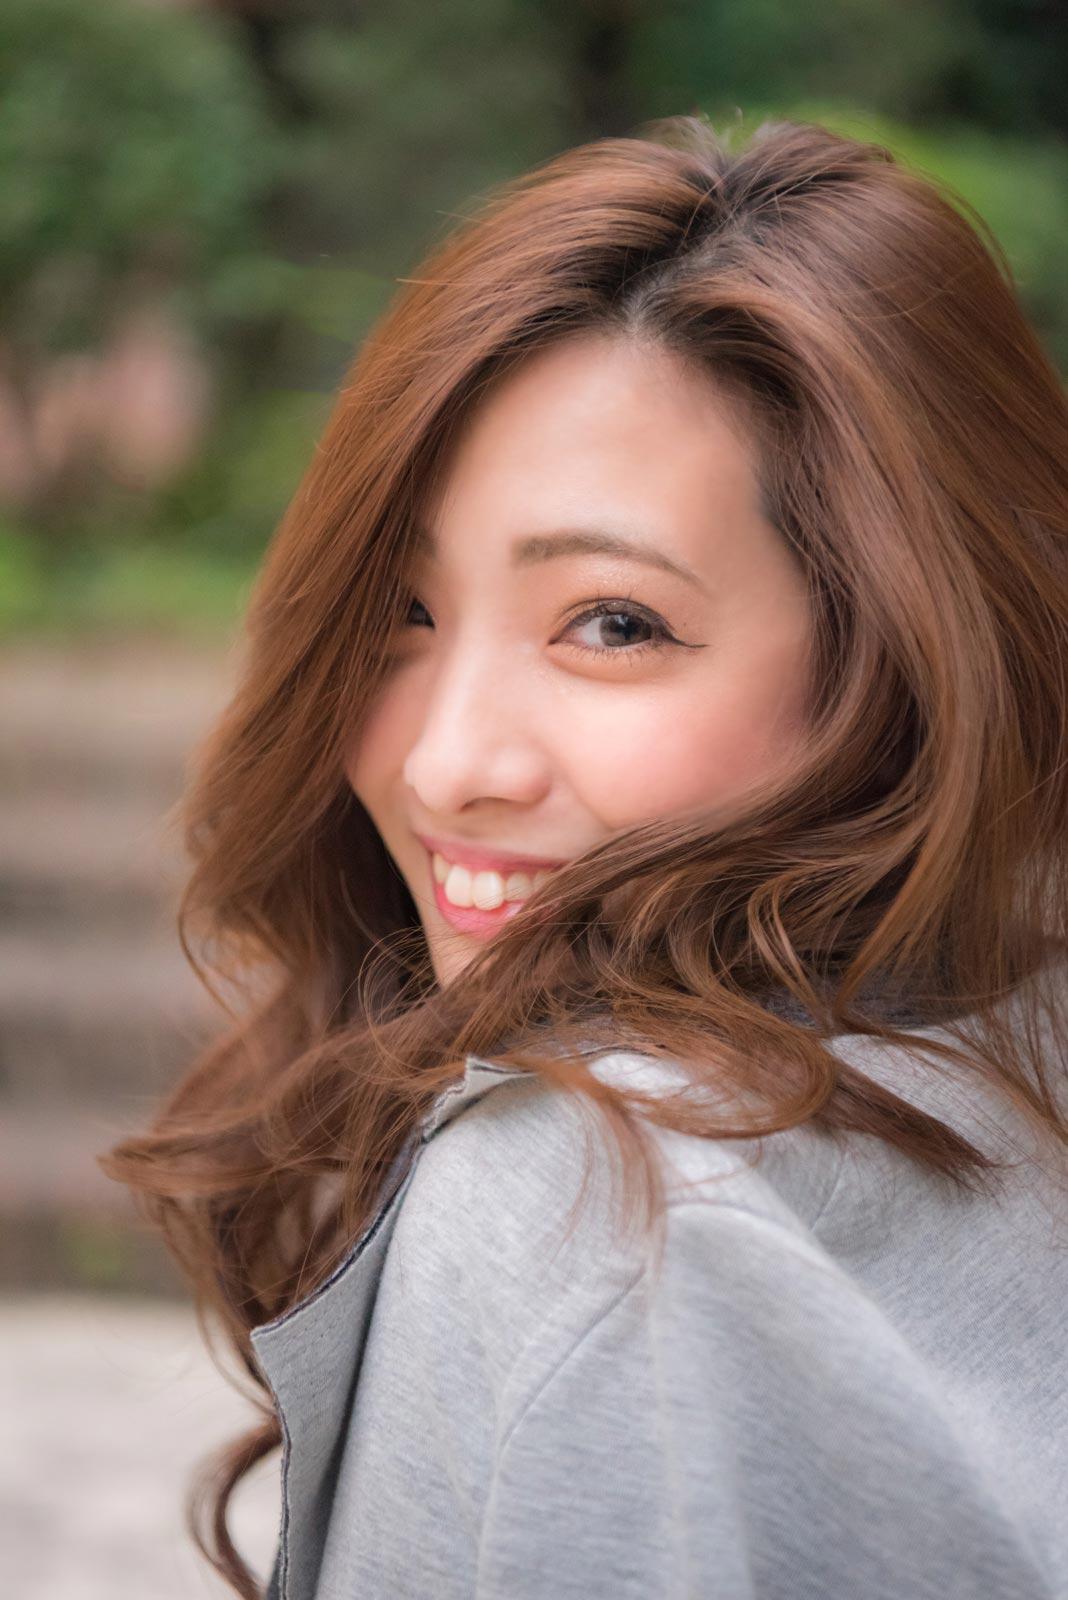 電子書籍制作プロジェクト!モデルのななさんのお試し撮影を大阪京橋でしてきました!